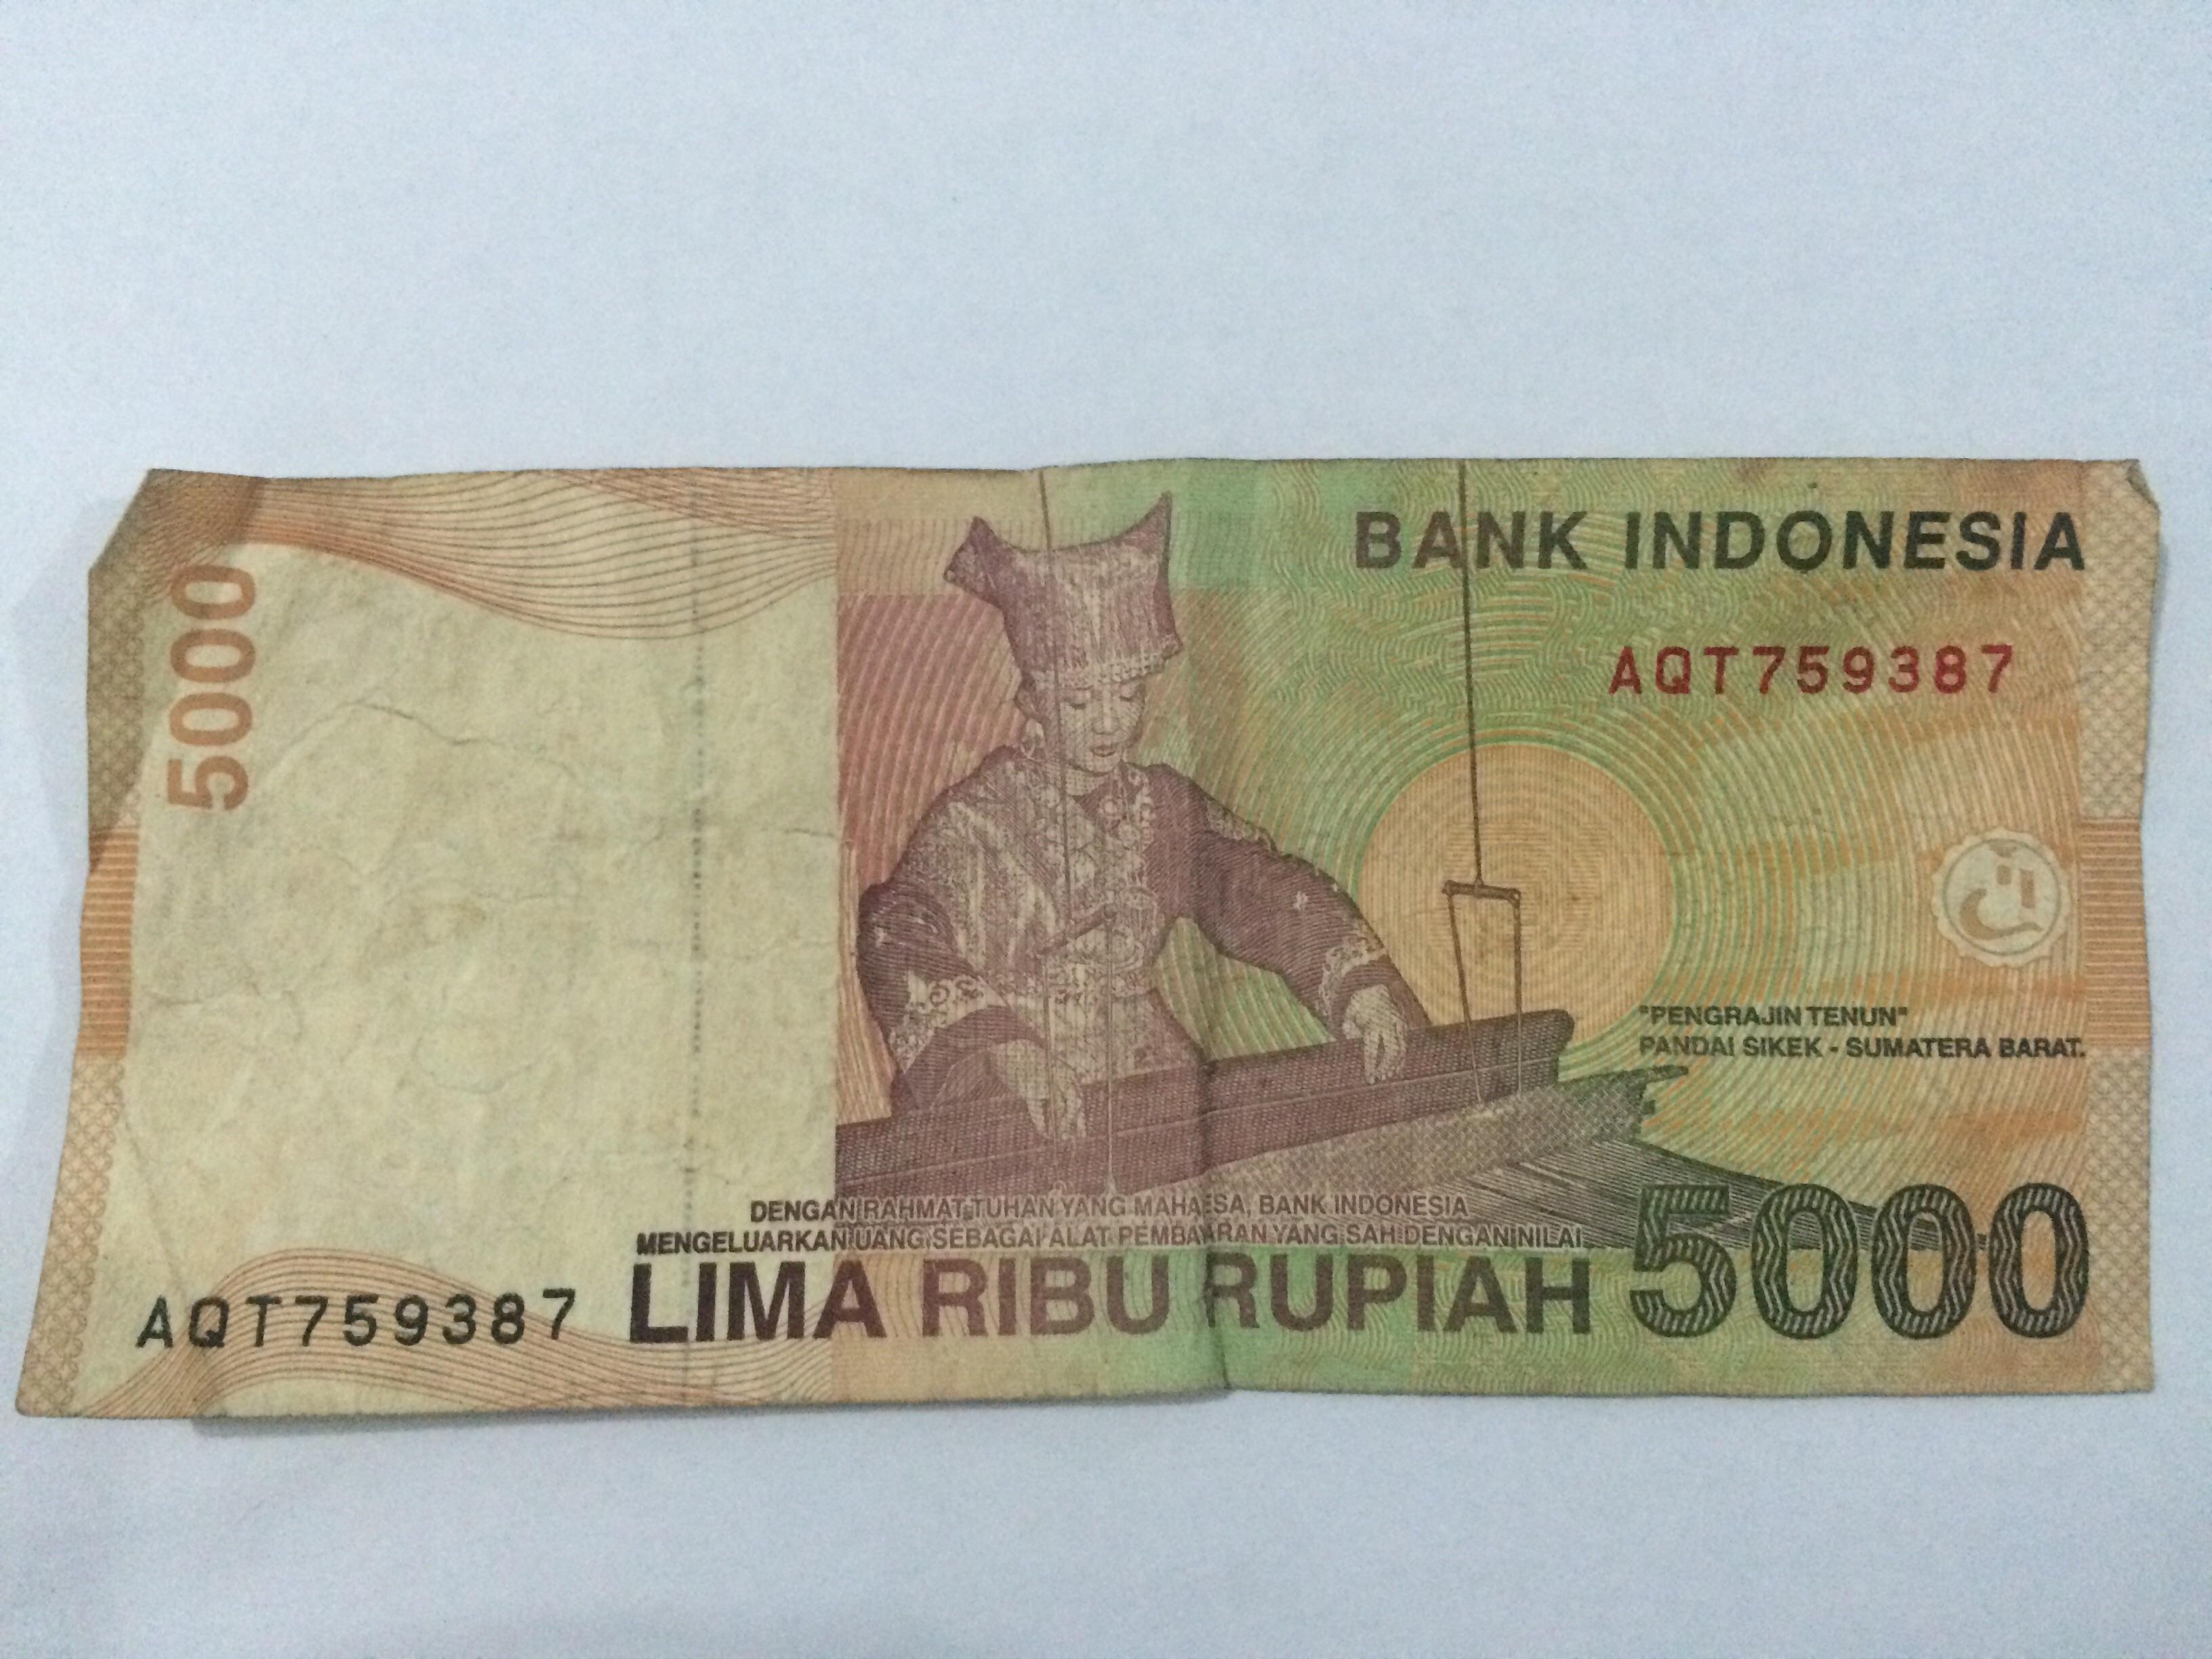 Siapa gerangan wanita penenun di uang kertas Rp 5.000?